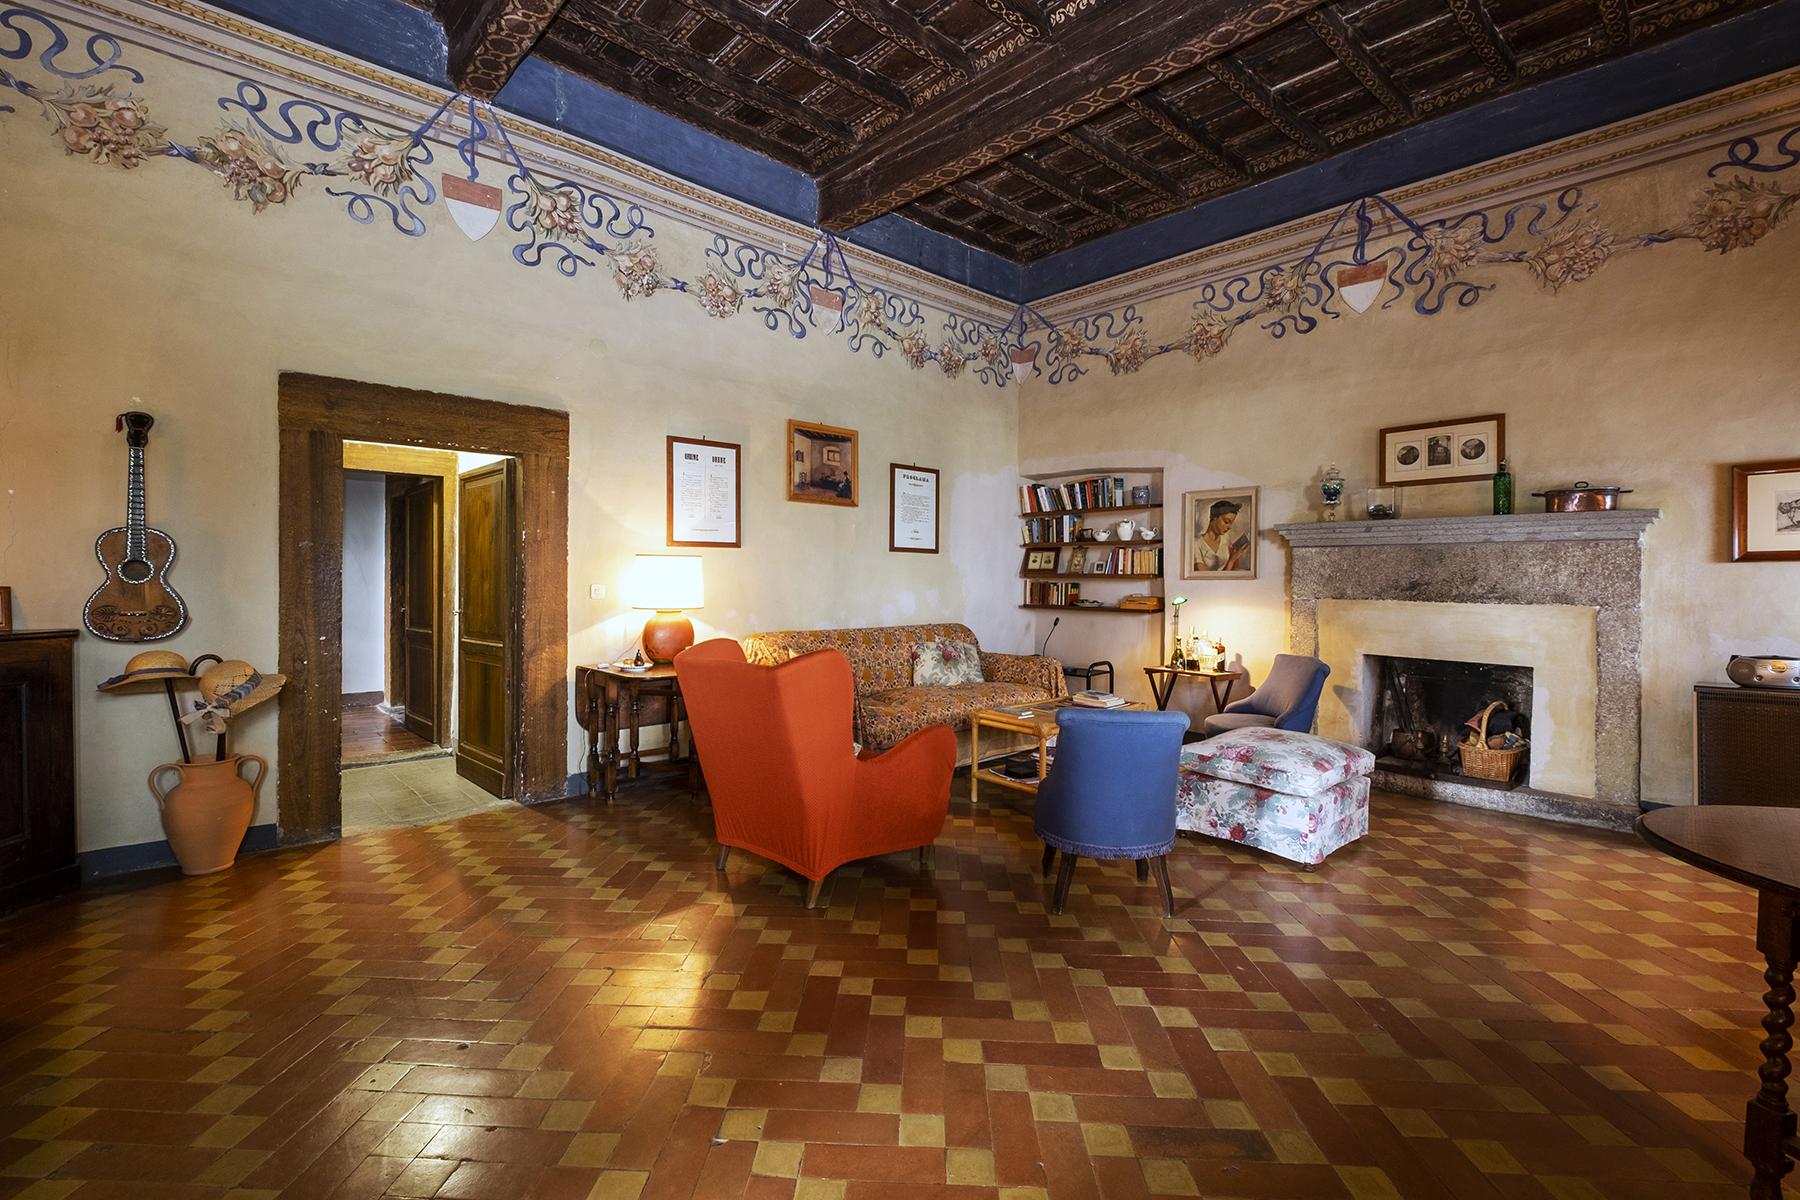 Rustico in Vendita a Viterbo: 5 locali, 900 mq - Foto 2